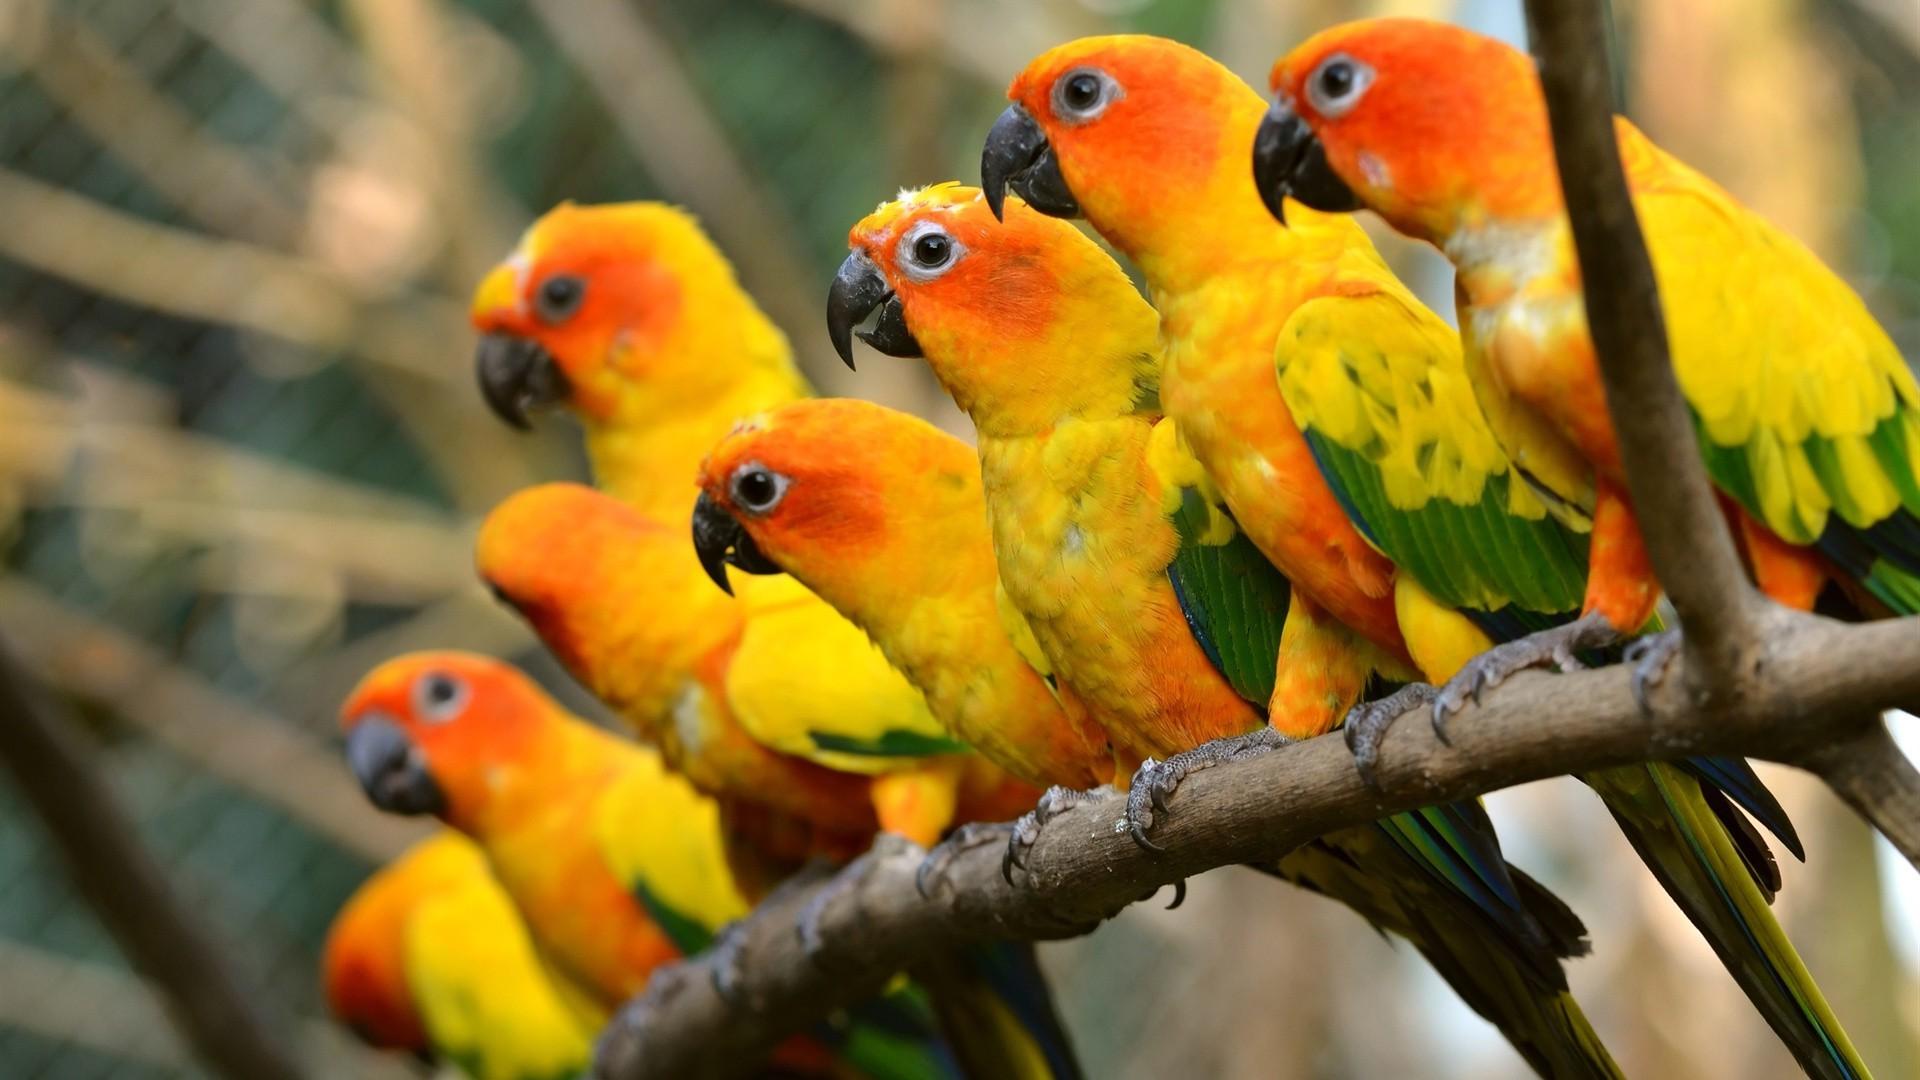 подписана картинки экзотических птиц на рабочий стол сотрудничаем